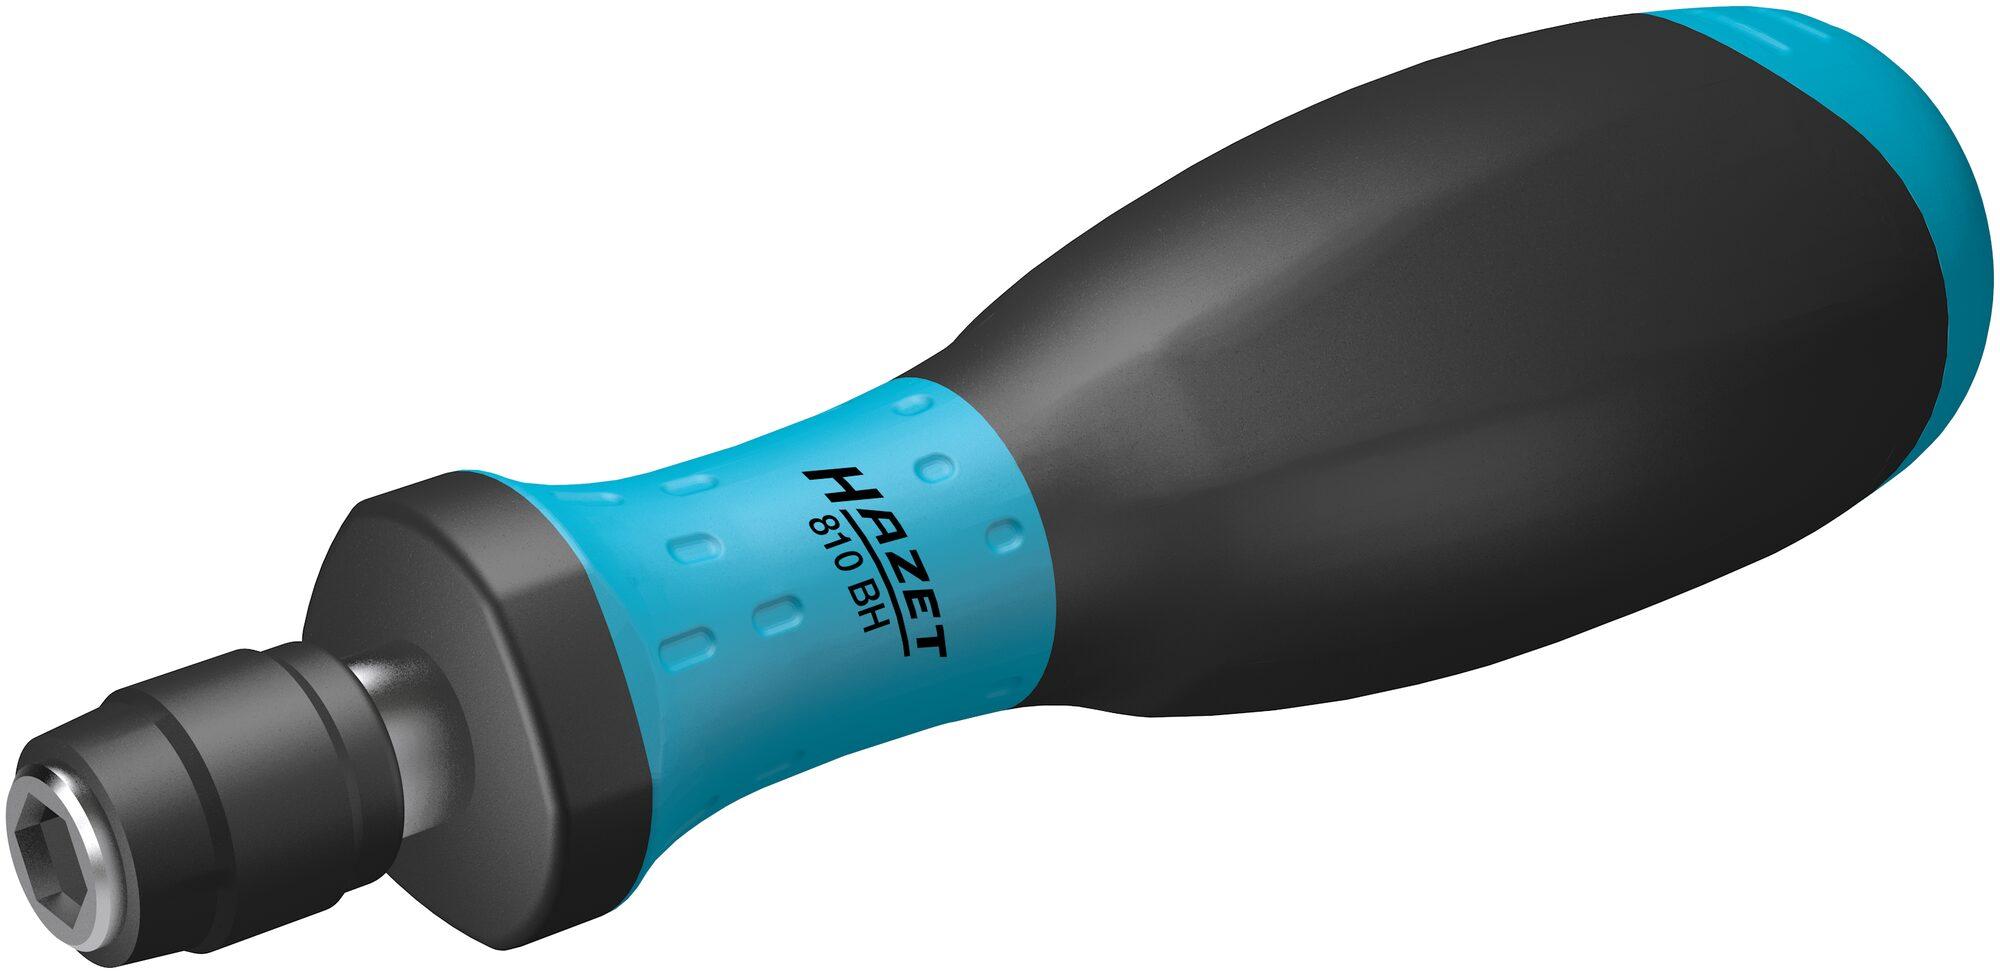 HAZET Einsteck-Bithalter 810BH ∙ Sechskant hohl 6,3 (1/4 Zoll) ∙ 132.5 mm